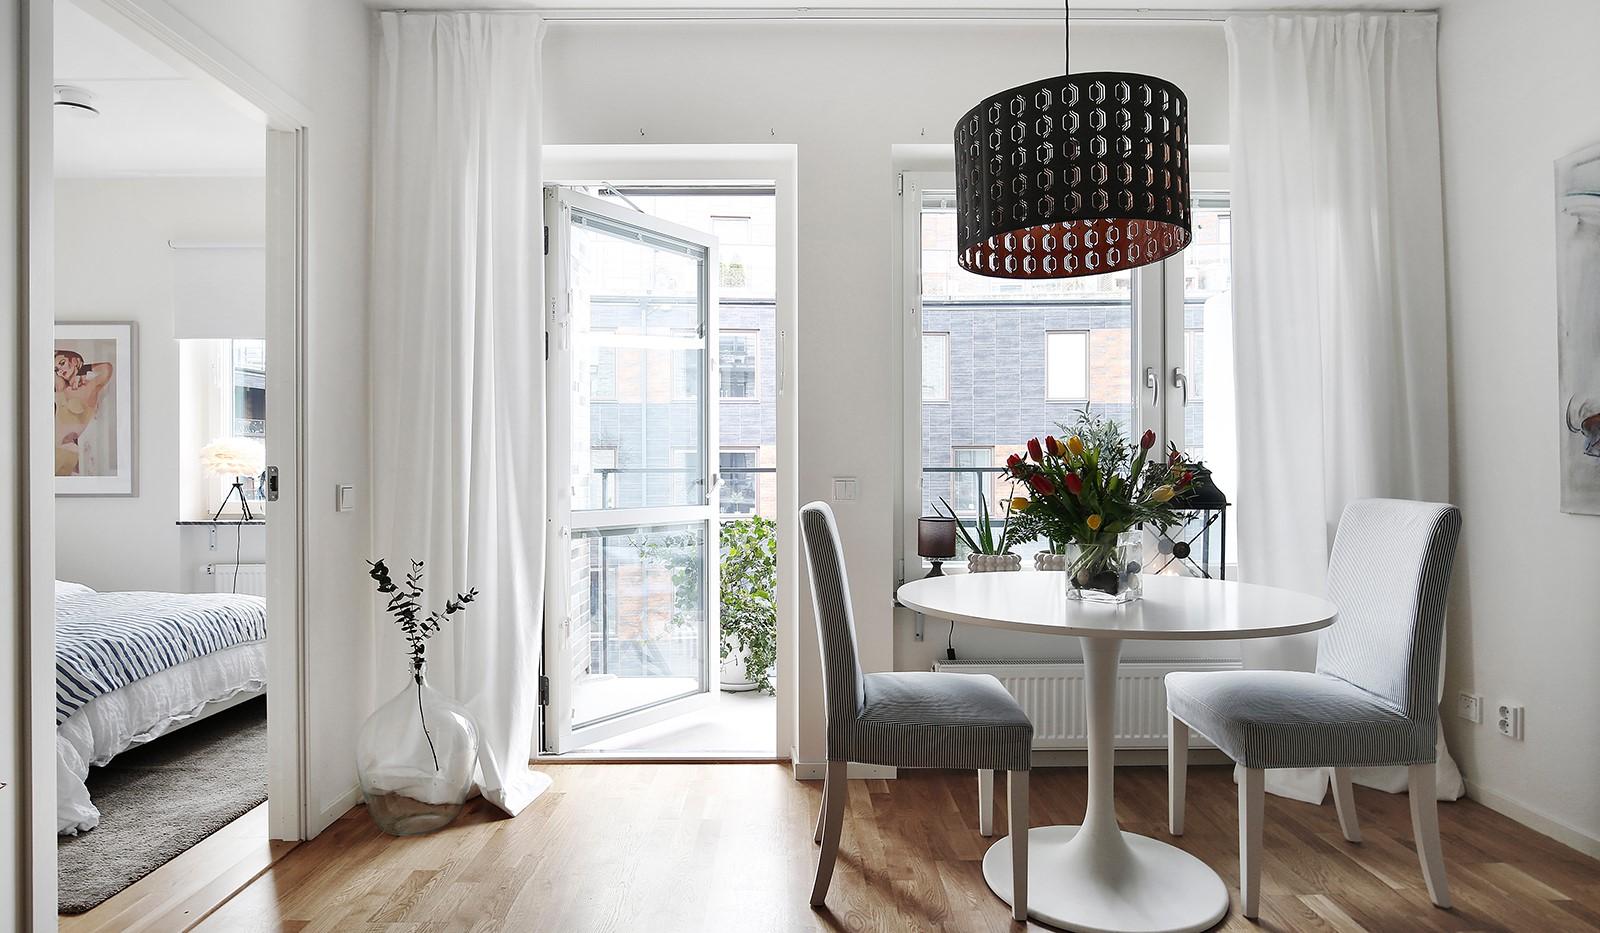 Fredriksdalsgatan 24, vån 6 - Härligt ljusinsläpp från stora fönsterpartier